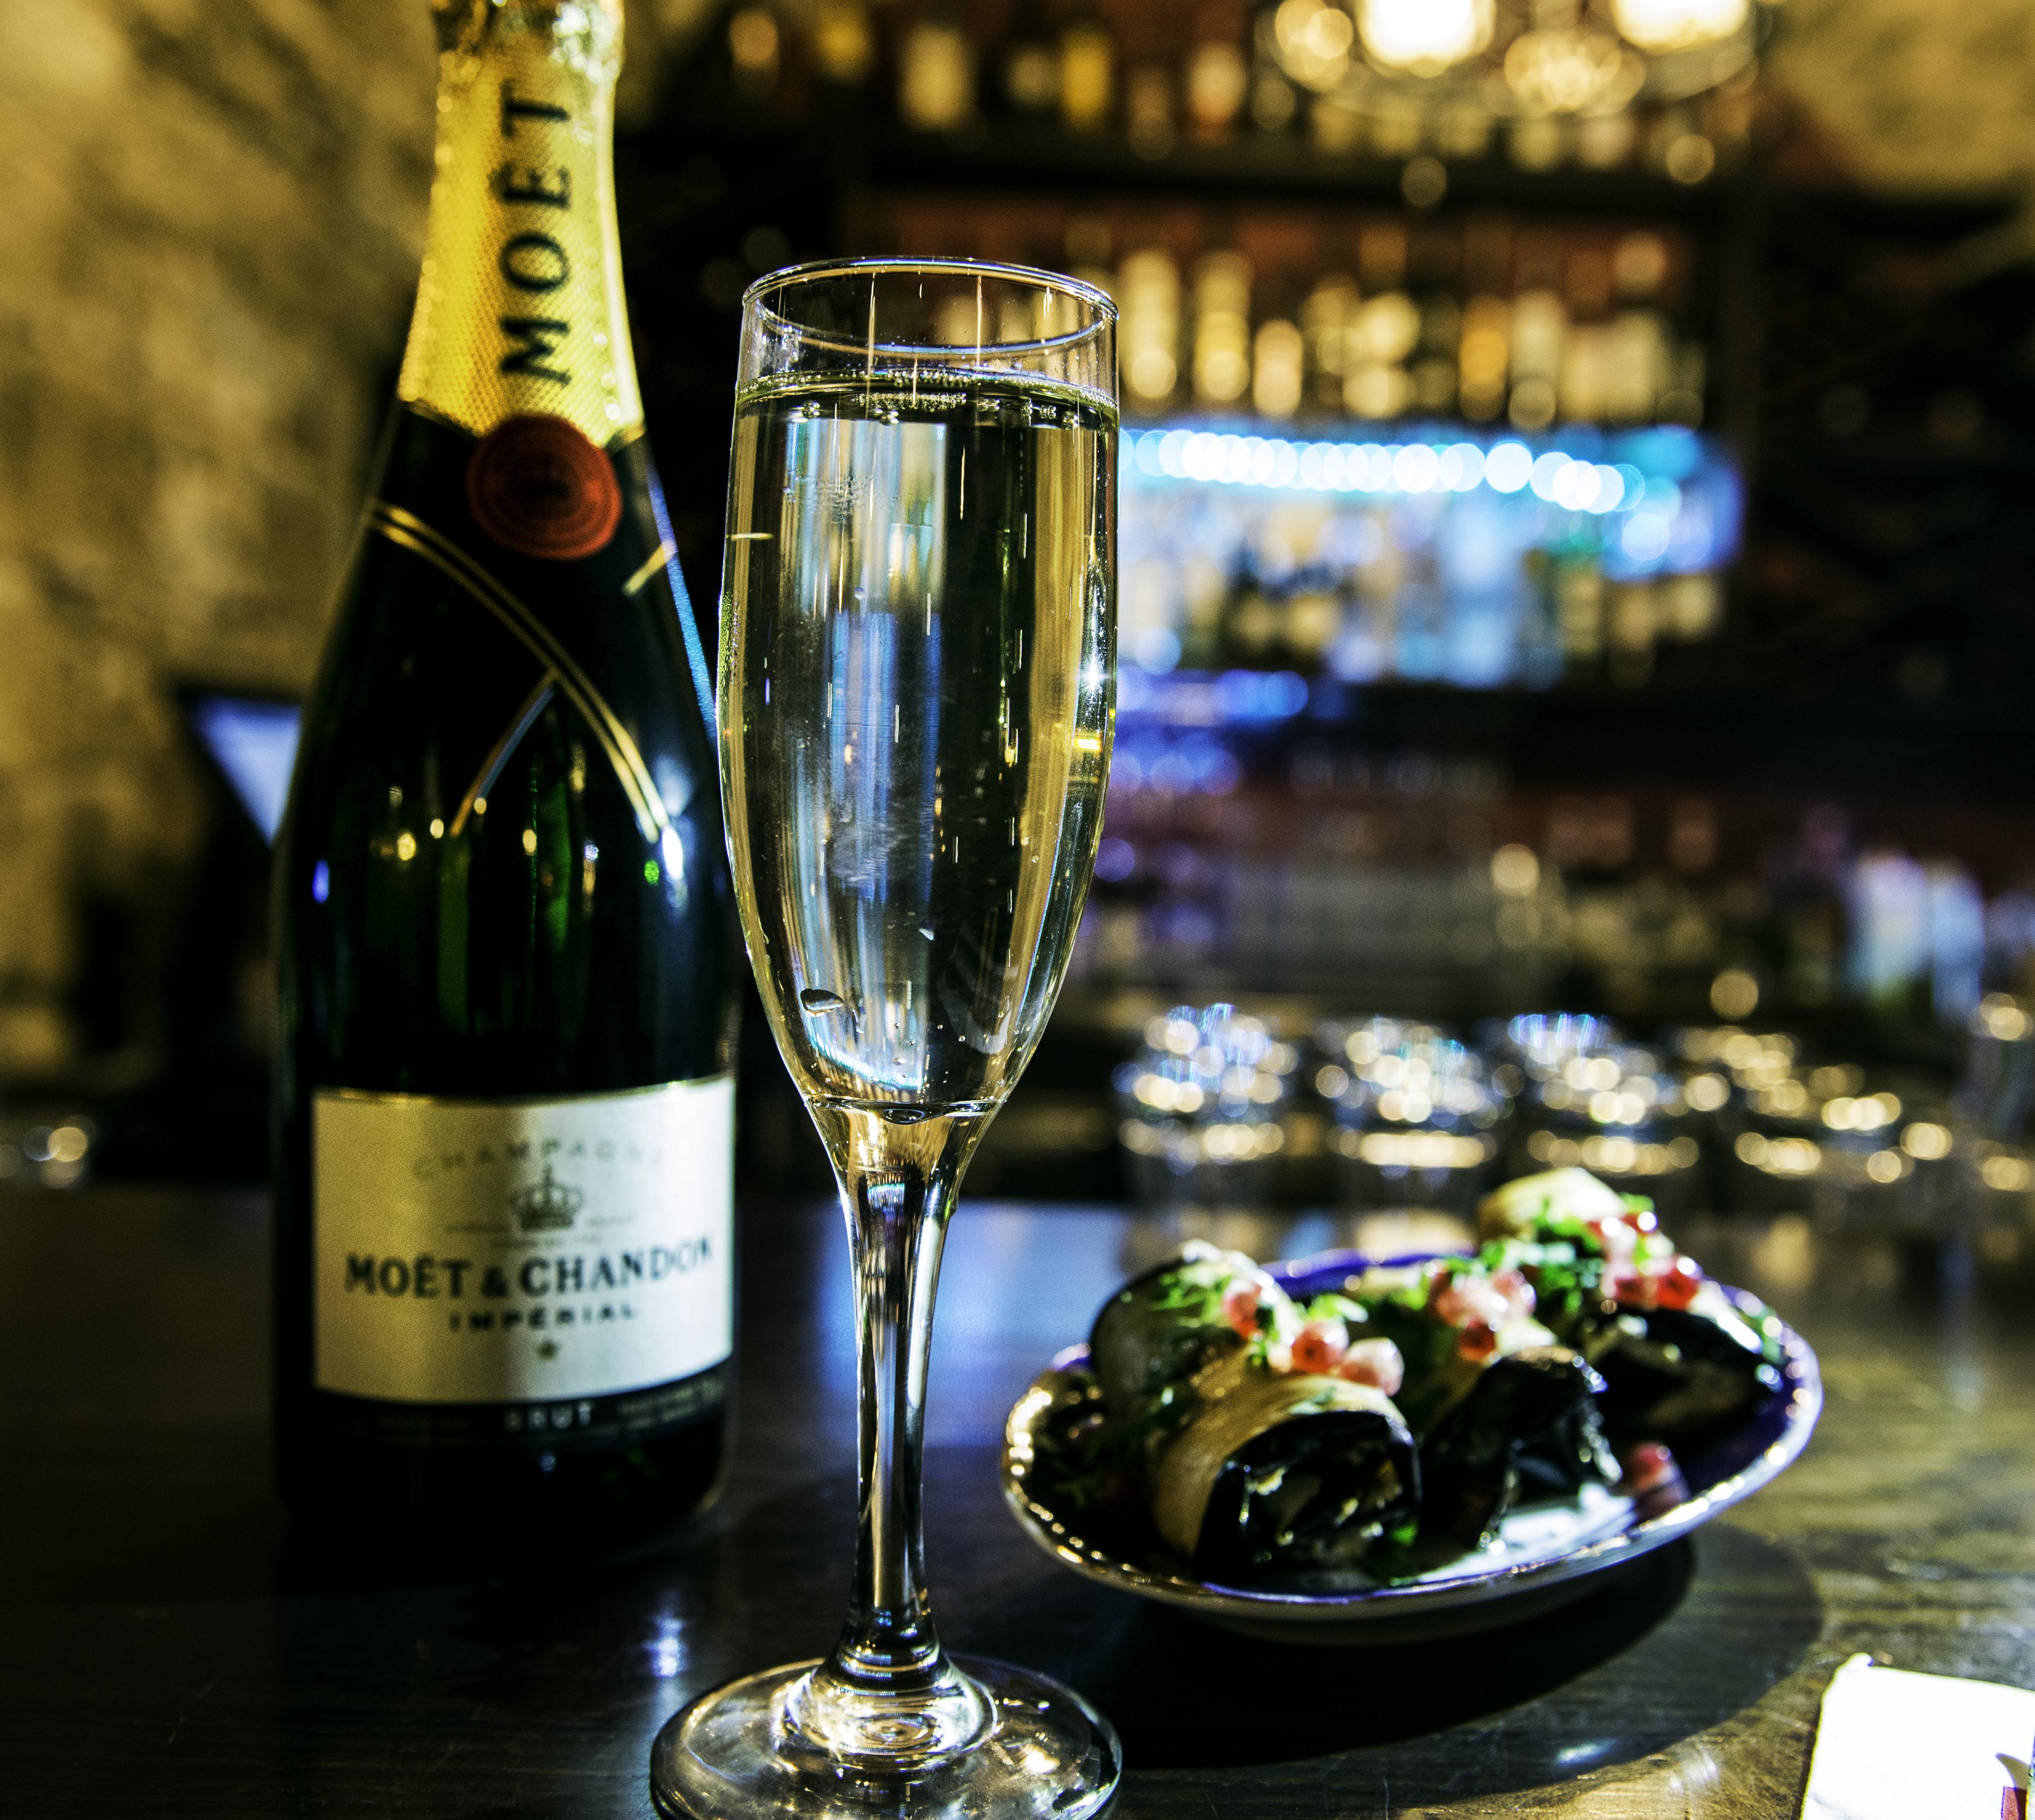 שמפניה וגלילות חצילים במסעדת טש וטשה (צילום: בר איילון)